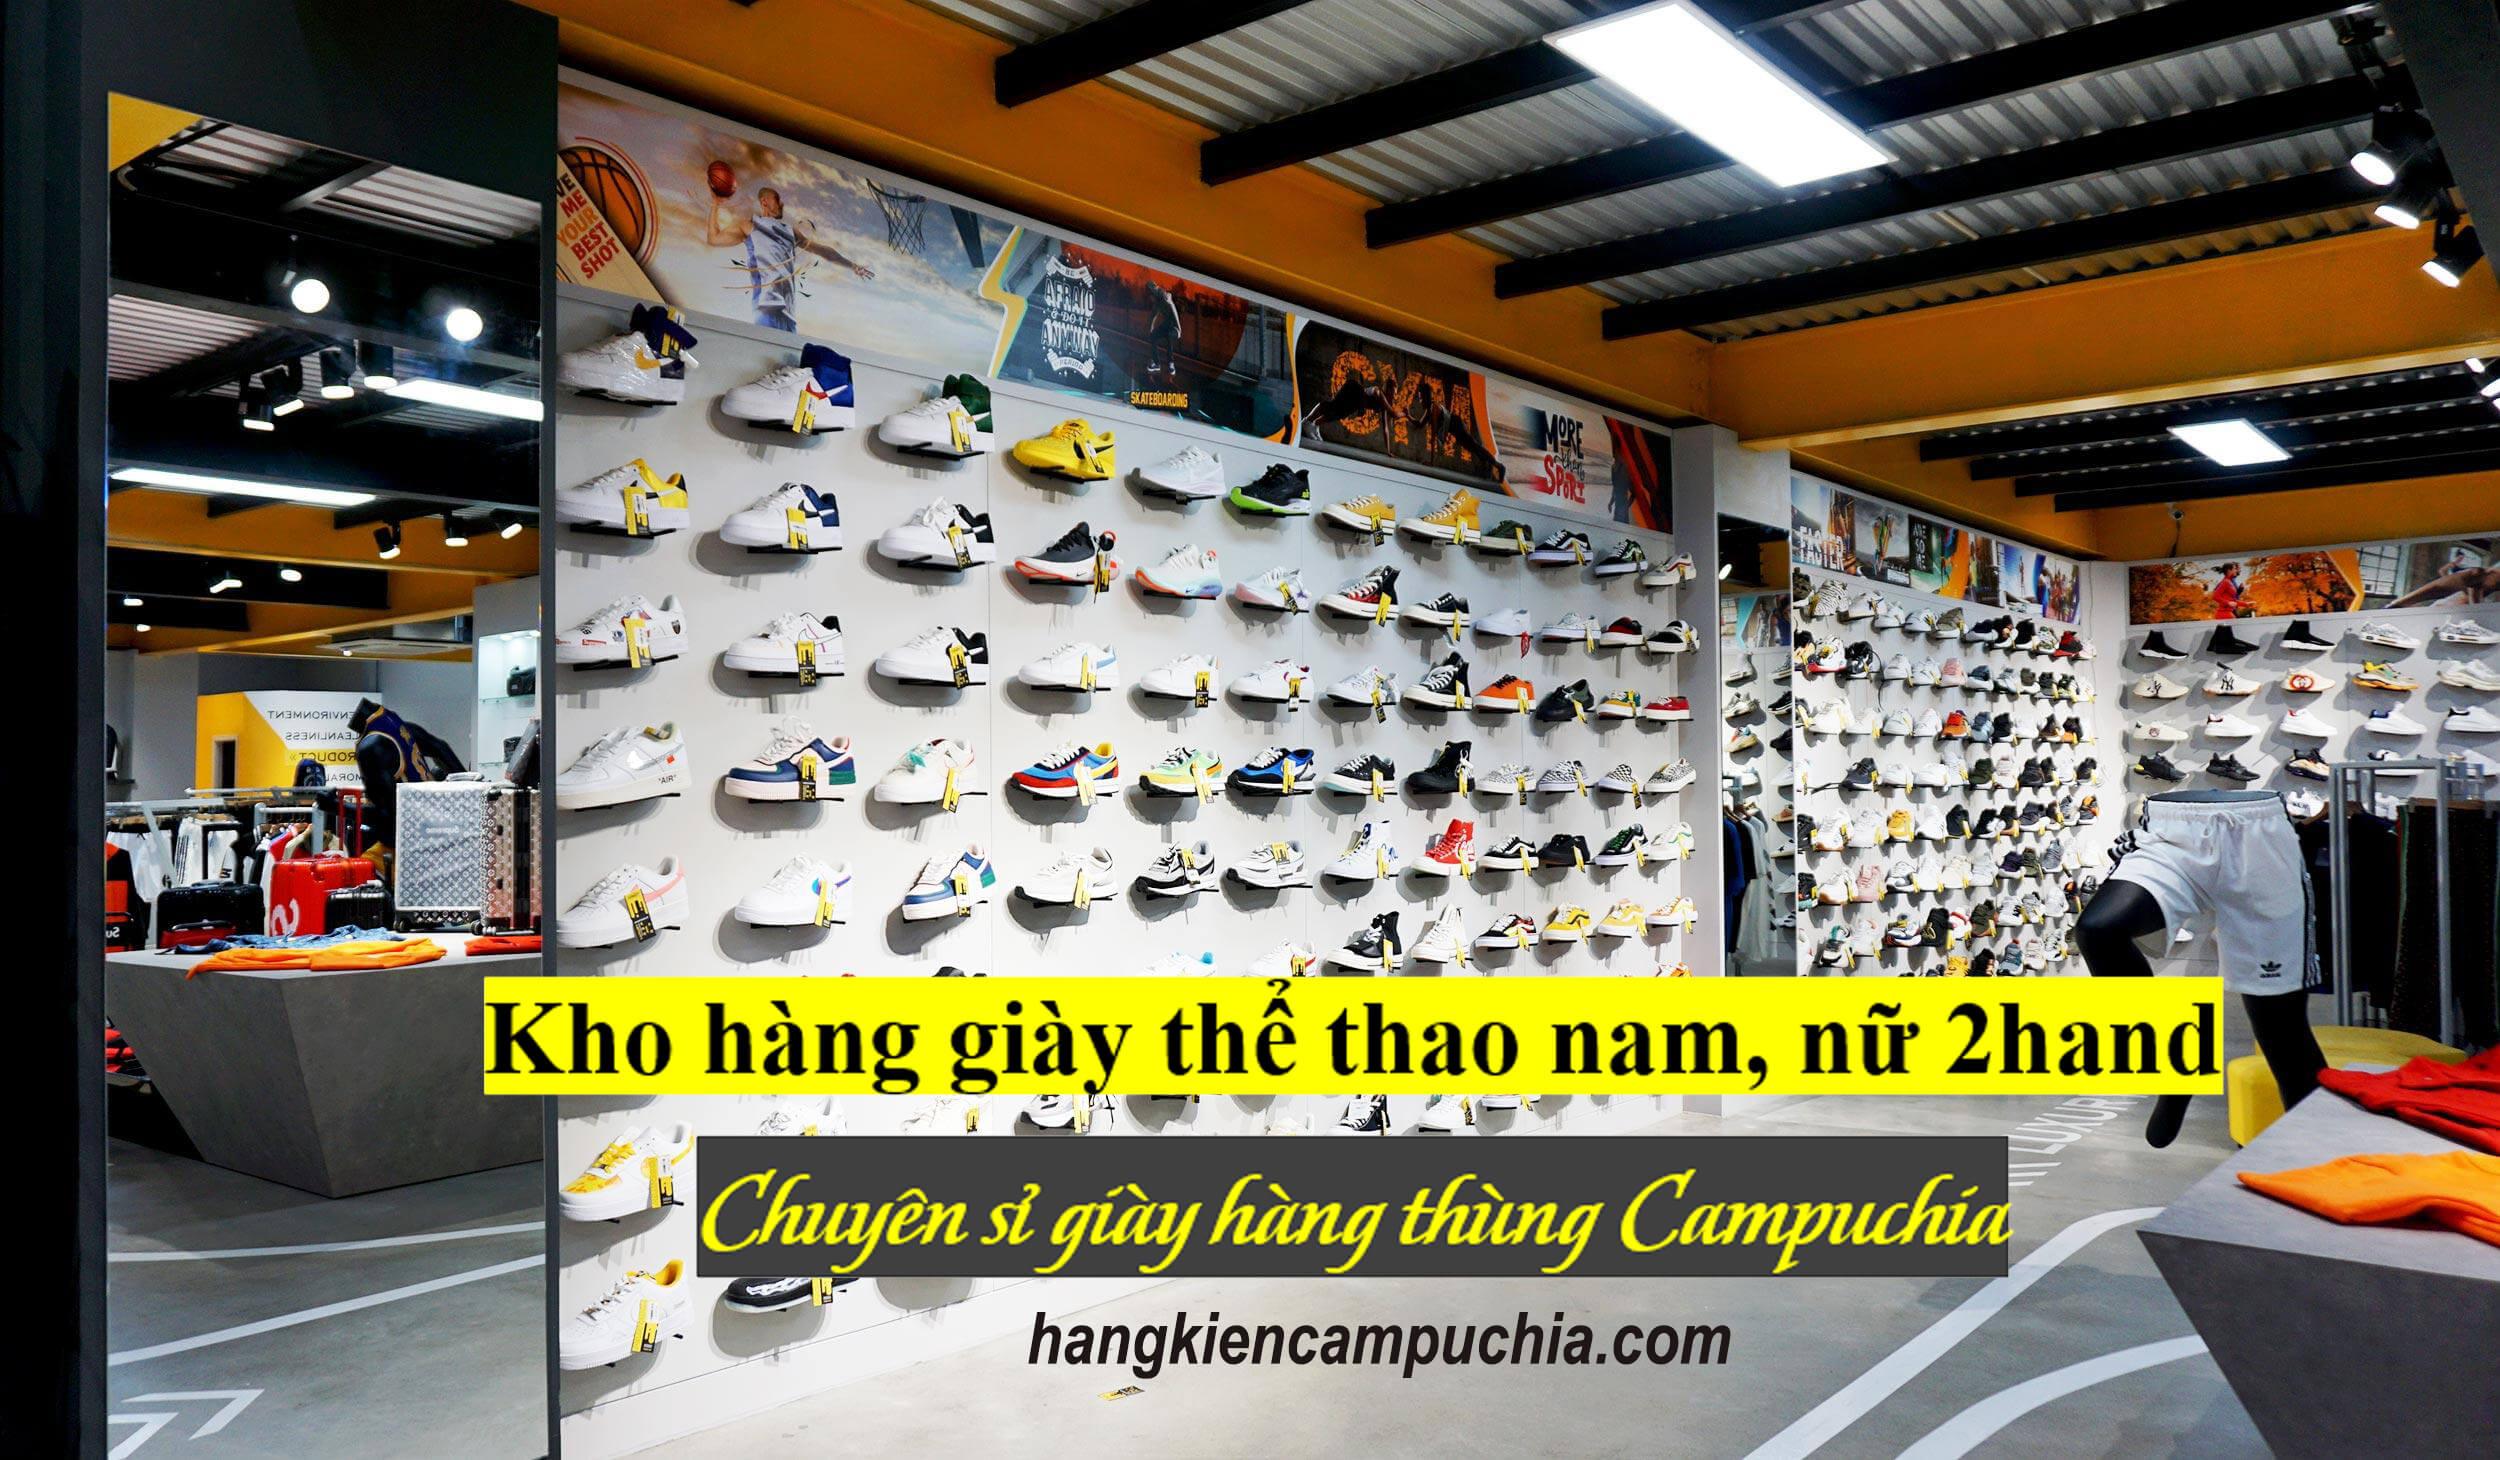 Kiện hàng giày thể thao Nam, Nữ Secondhand | Hàng thùng Campuchia